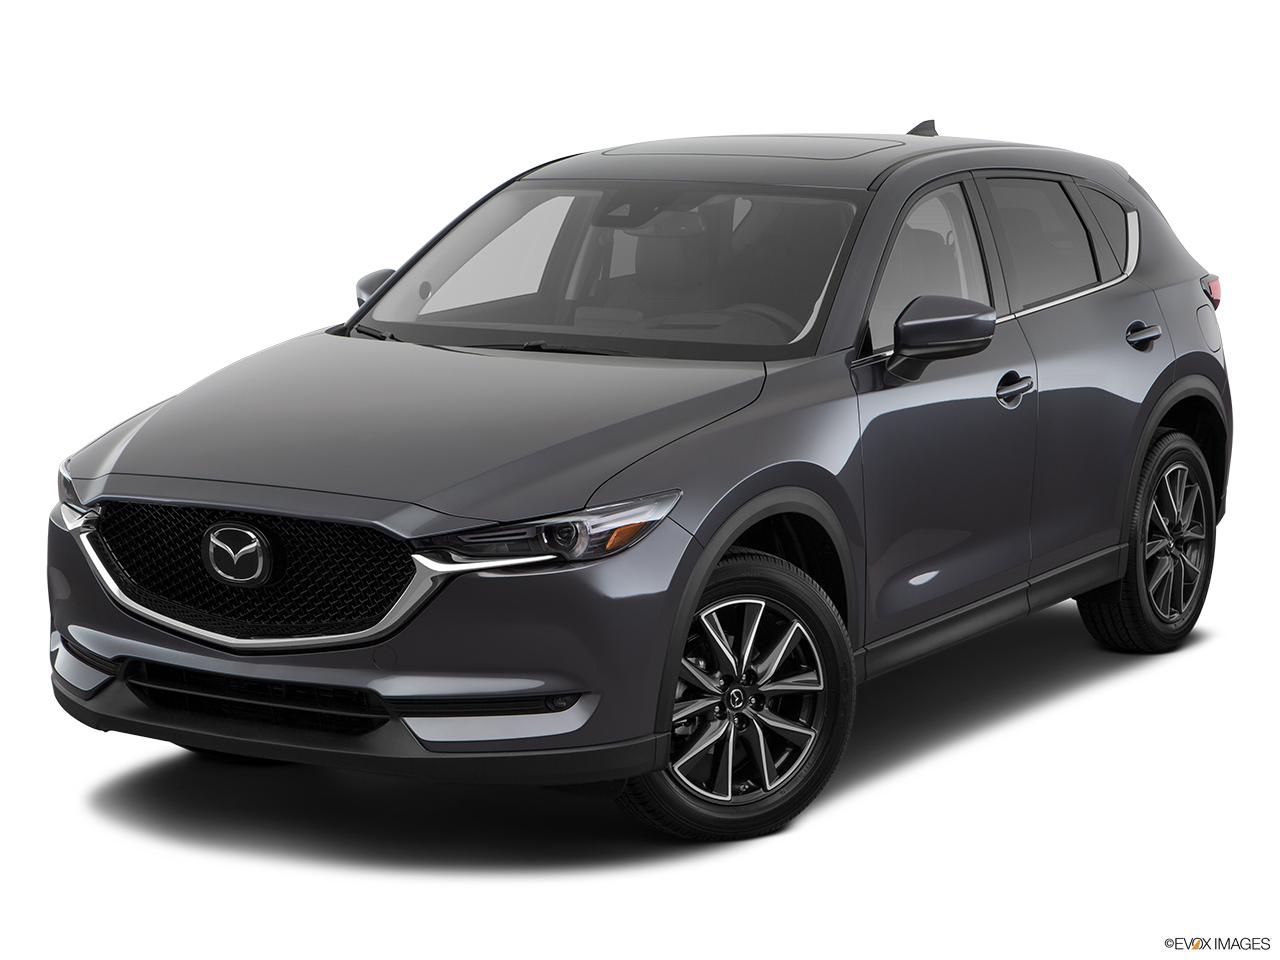 Kelebihan Kekurangan Mazda Cx 5 Olx Perbandingan Harga